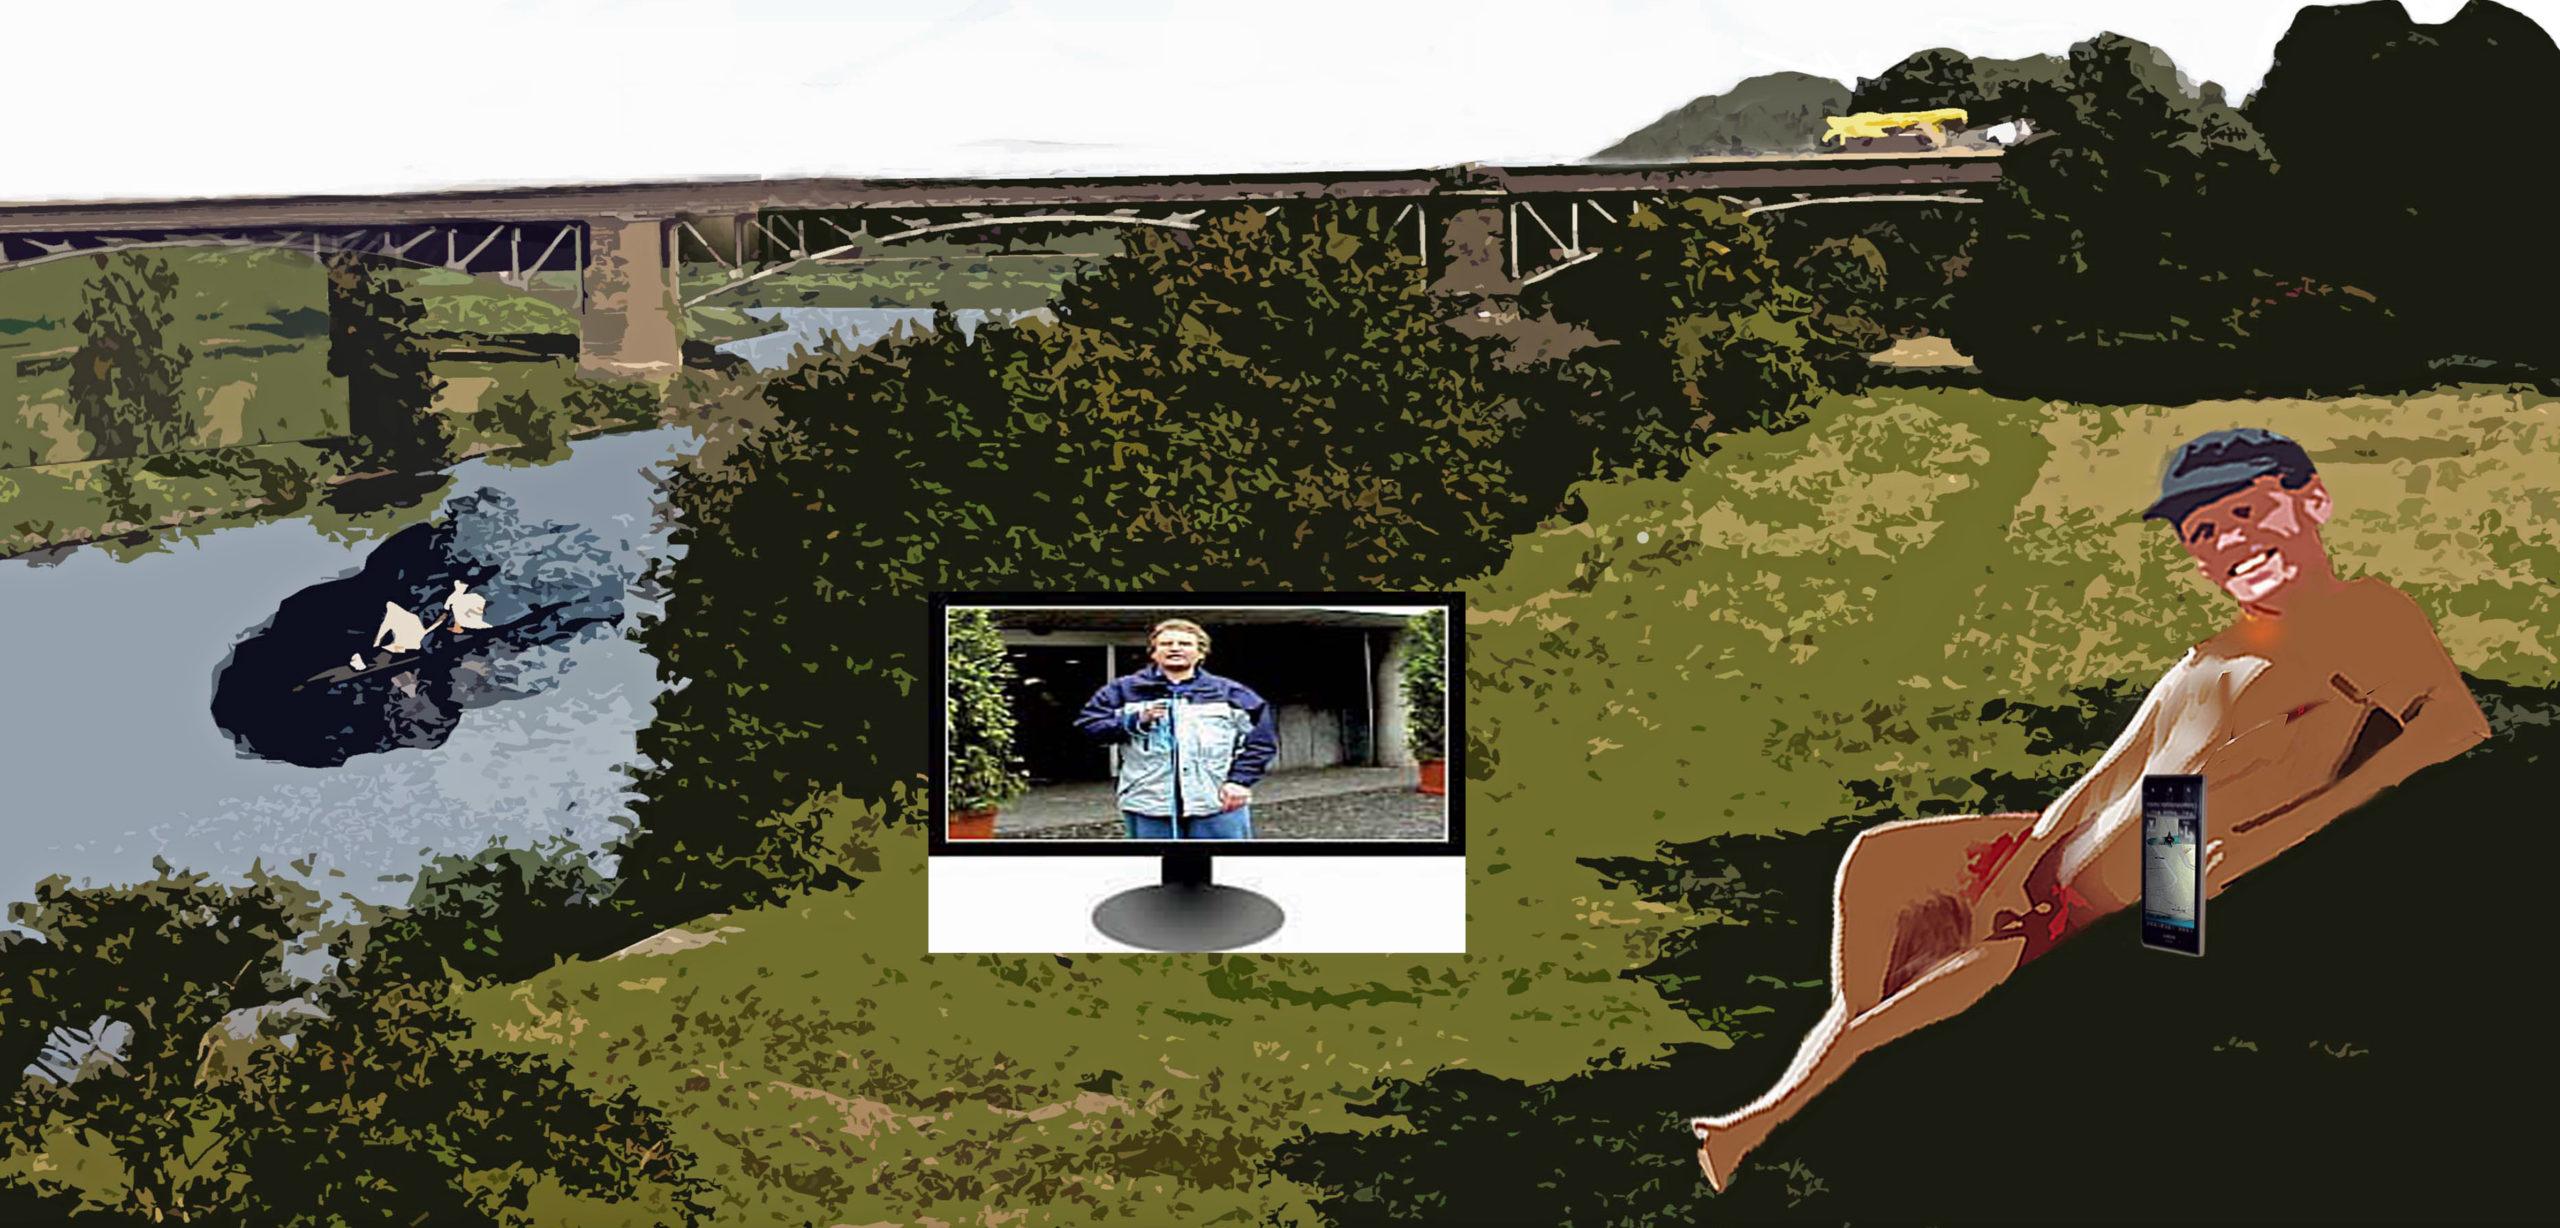 Nackter Mann am Fluss mit Zeichnung Fernseher